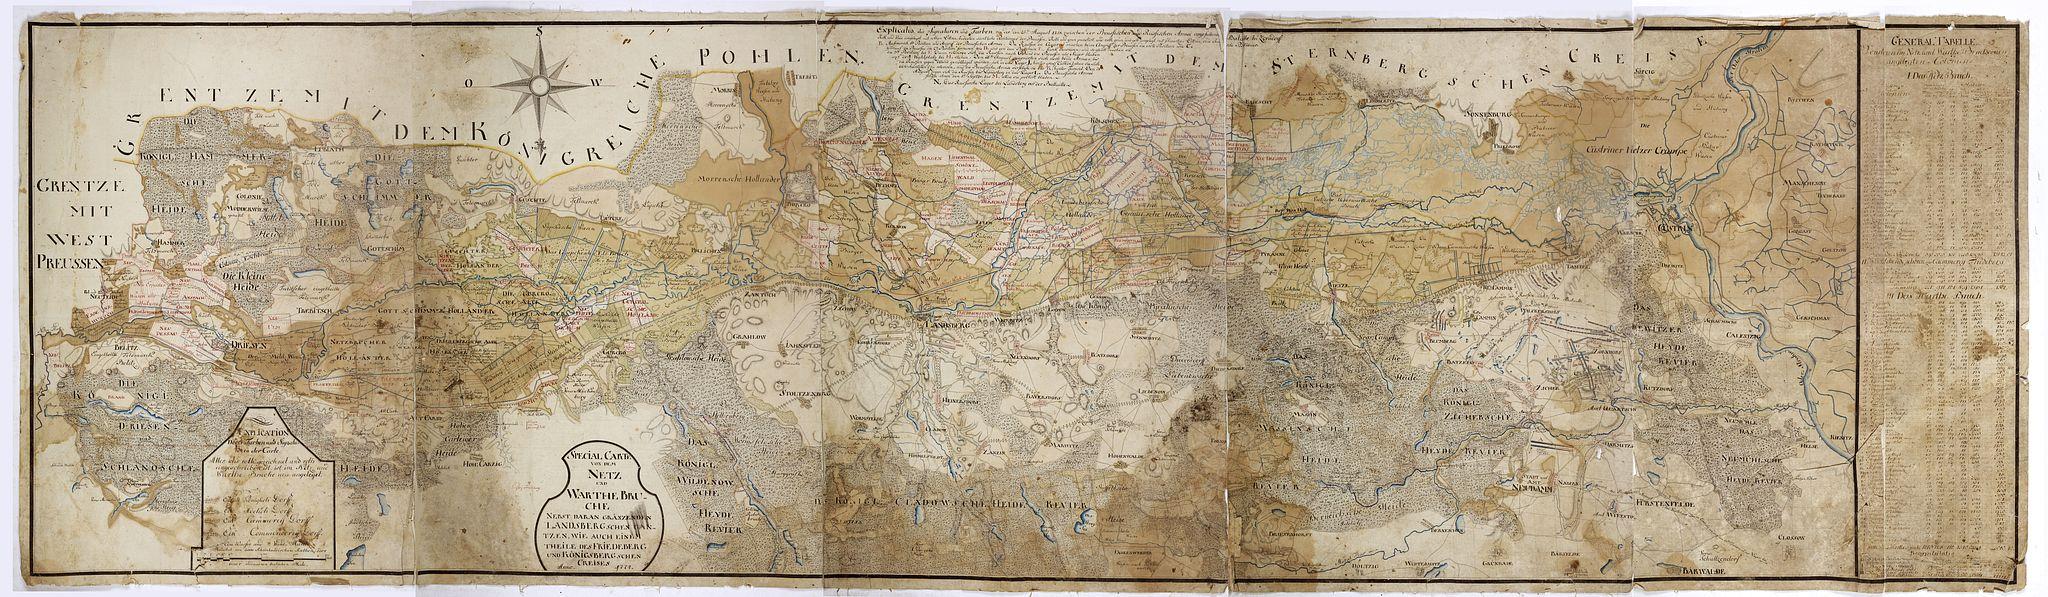 ANONYMOUS - Special Carte von dem Netz und Warthe Bruche nebst daran gränzenden Landsbergschen gantzen, wie auch einem theile des Friedeberg und Königsbergschen Creises.